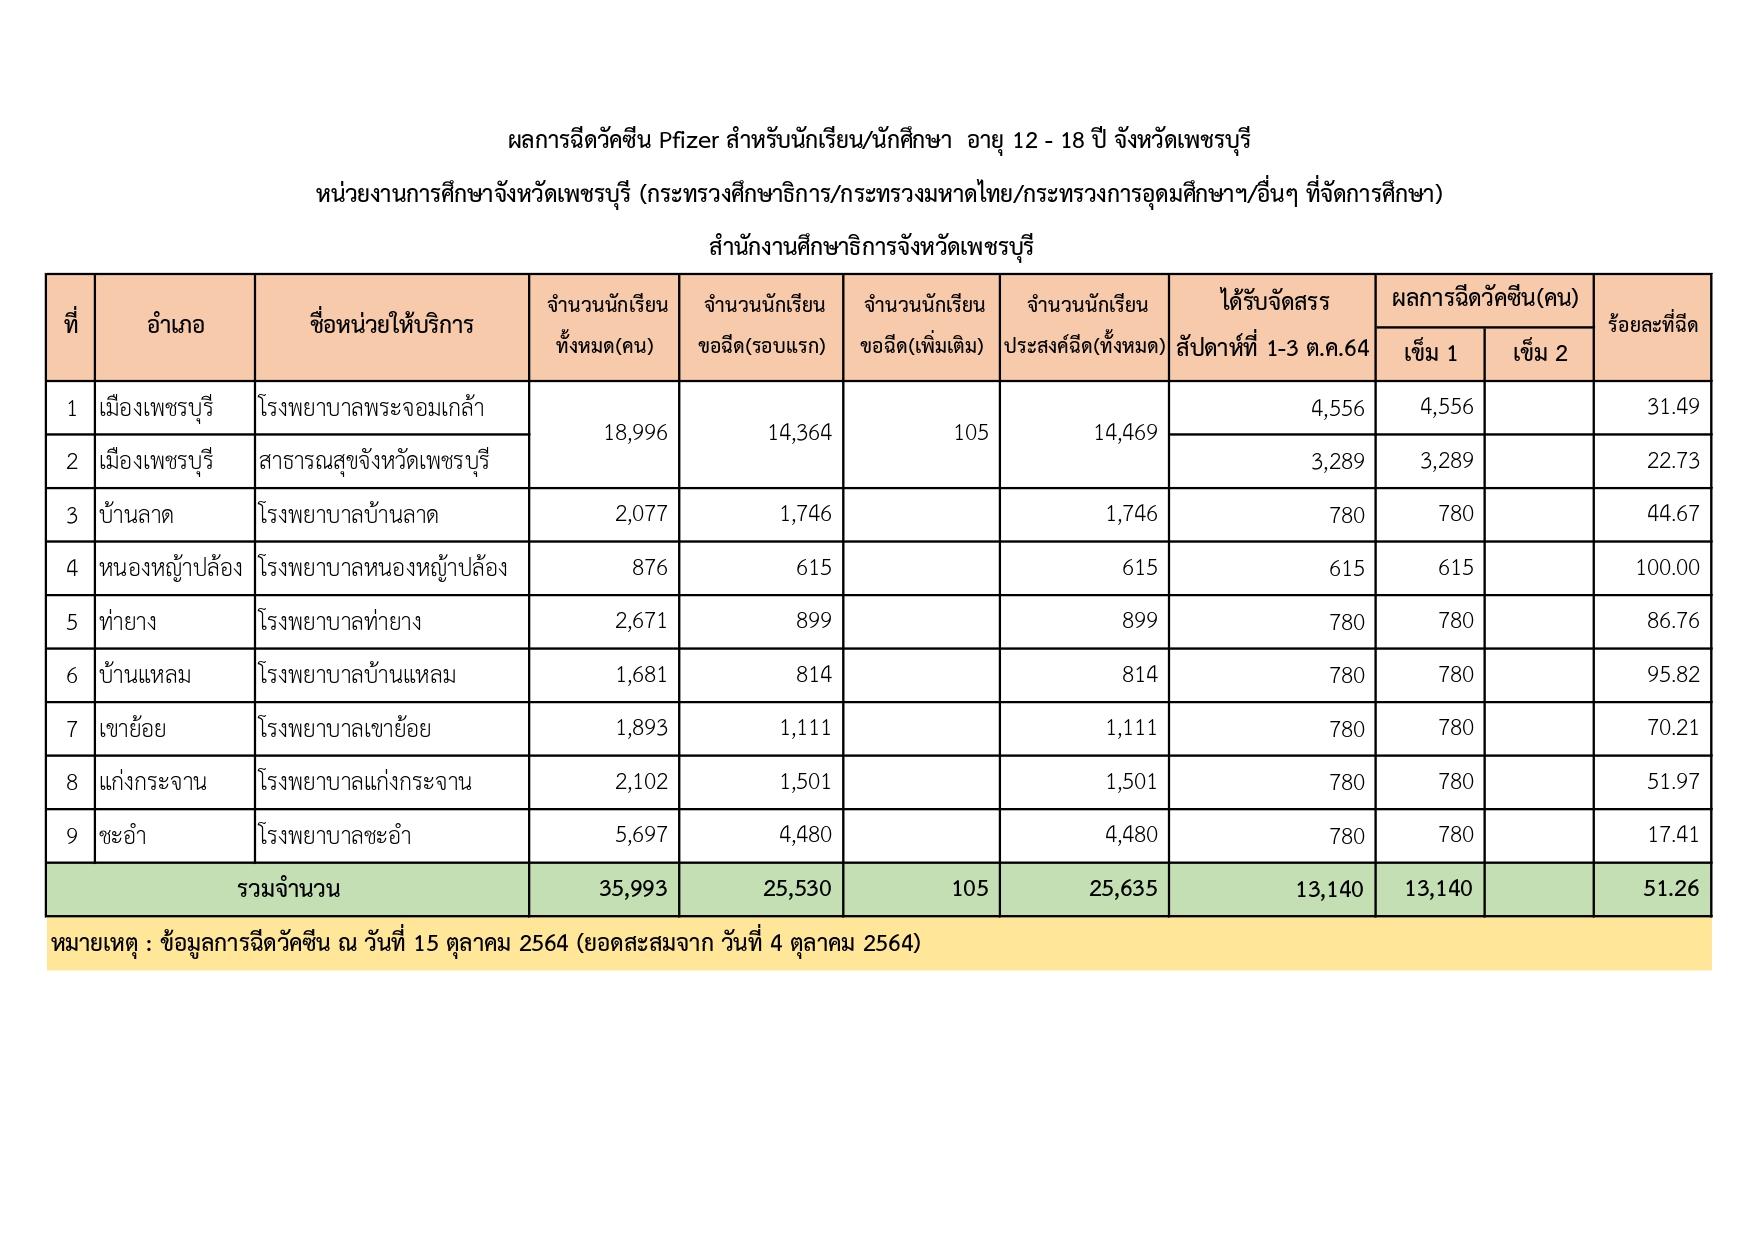 ผลการฉีดวัคซีน Pfizer นักเรียน/นักศึกษา อายุ 12-18 ปี จังหวัดเพชรบุรี หน่วยงานการศึกษาจังหวัดเพชรบุรี (กระทรวงศึกษาธิการ/กระทรวงมหาดไทย/กระทรวงการอุดมศึกษาฯ/อื่นๆ ที่จัดการศึกษา)